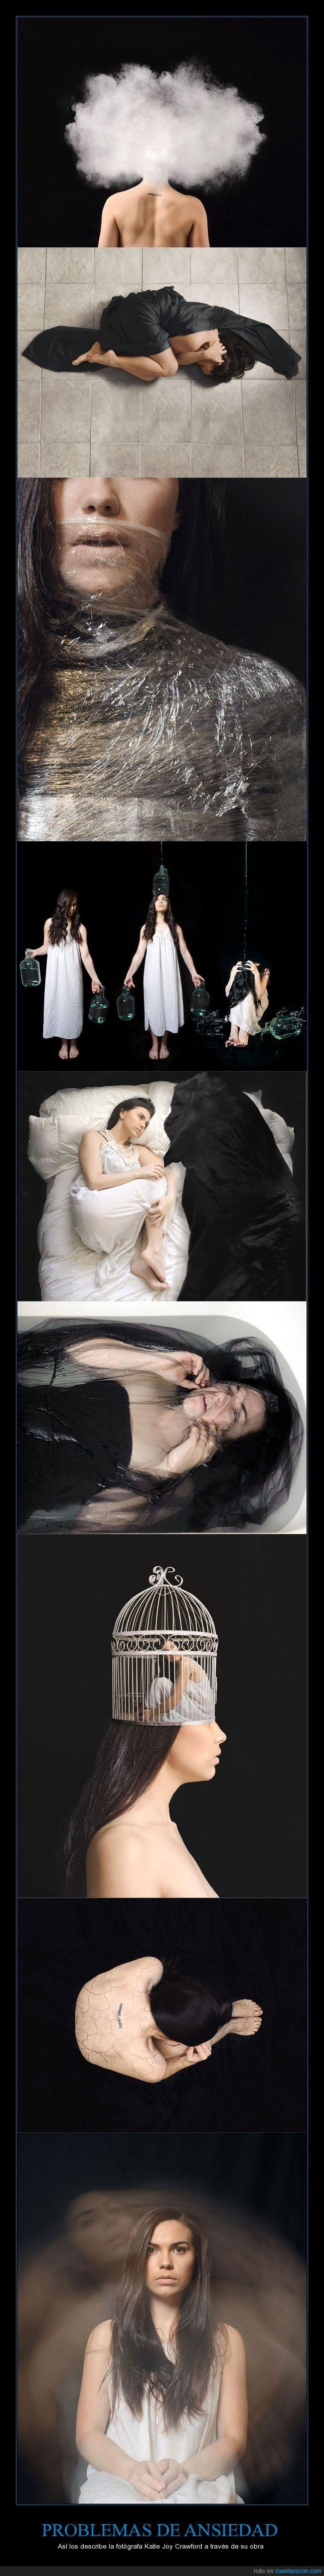 PROBLEMAS DE ANSIEDAD - Así los describe la fotógrafa Katie Joy Crawford a través de su obra